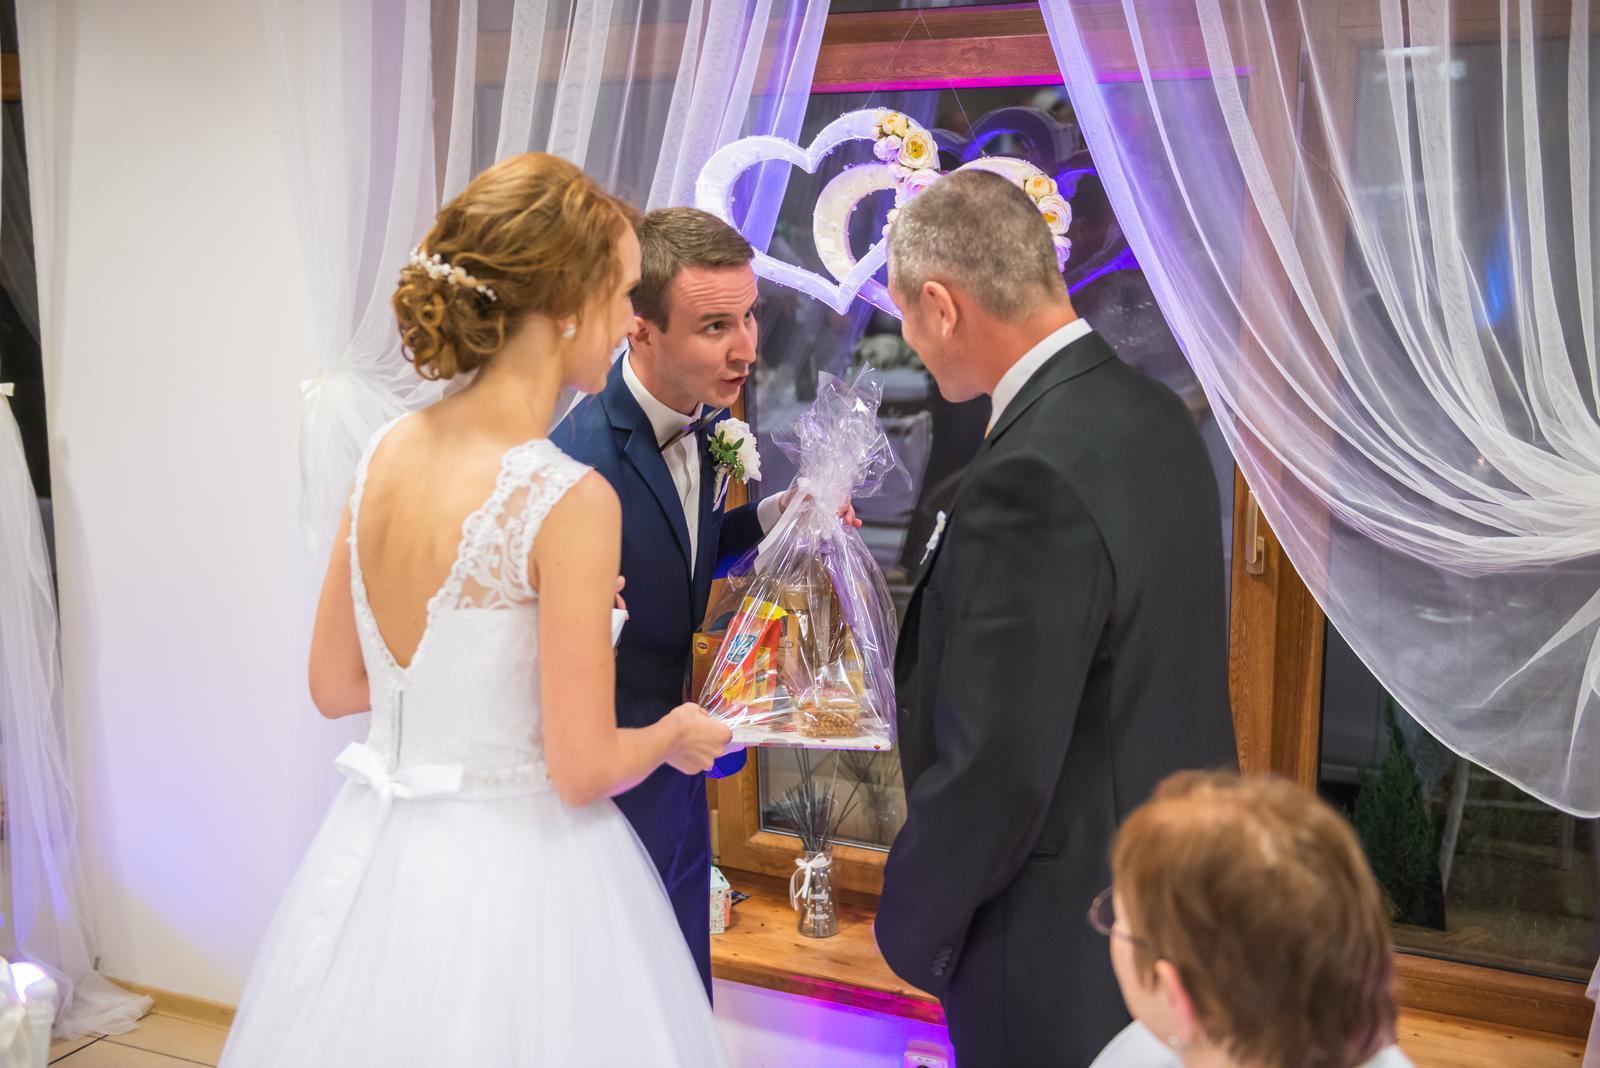 Lucia{{_AND_}}Štefan - Výherca svadobného binga vyhral darčekový kôs plný dobrôt.